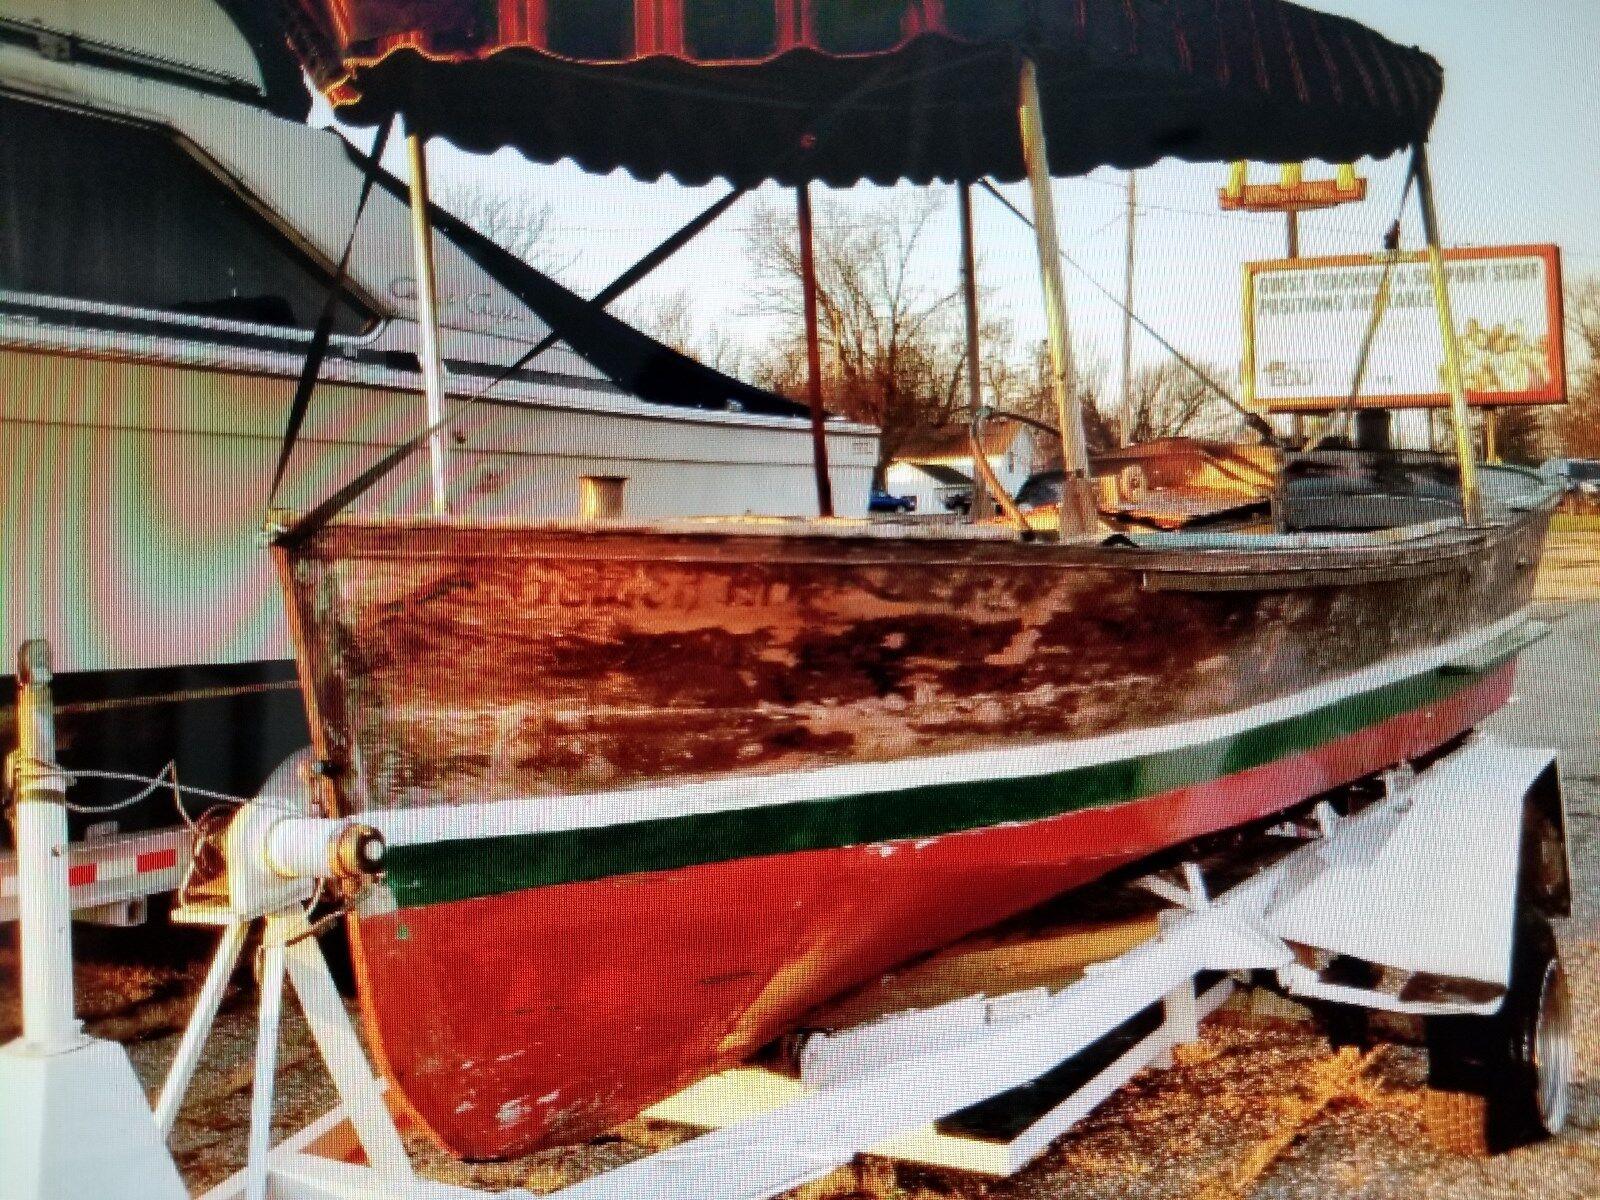 Vintage Wooden Louisiana Skiff Boat